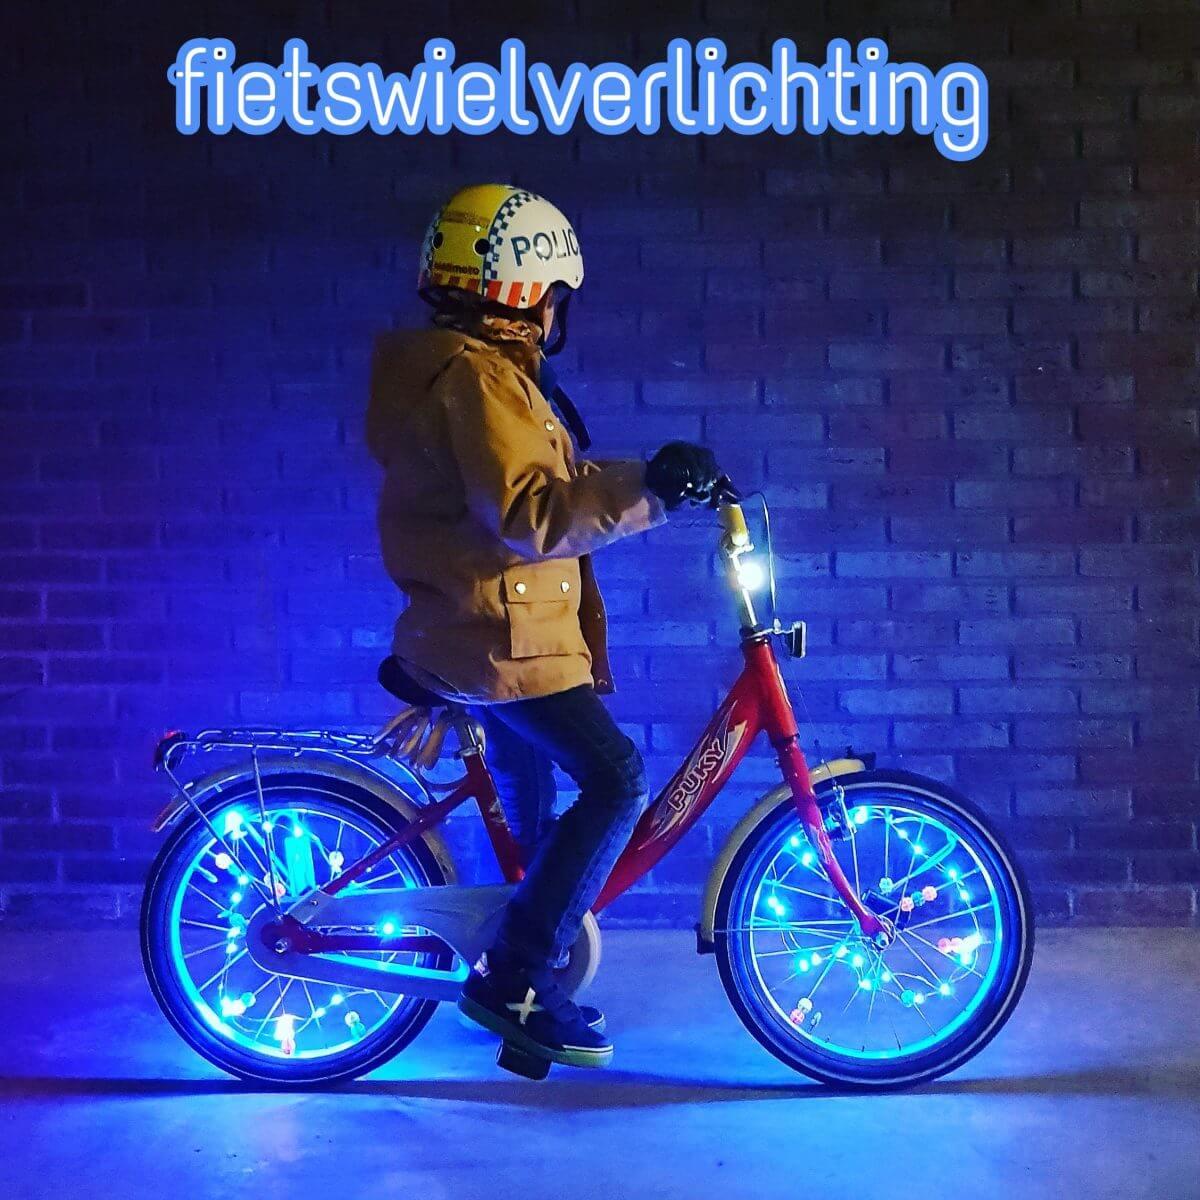 Bike light: fietswielverlichting voor kinderfietsen